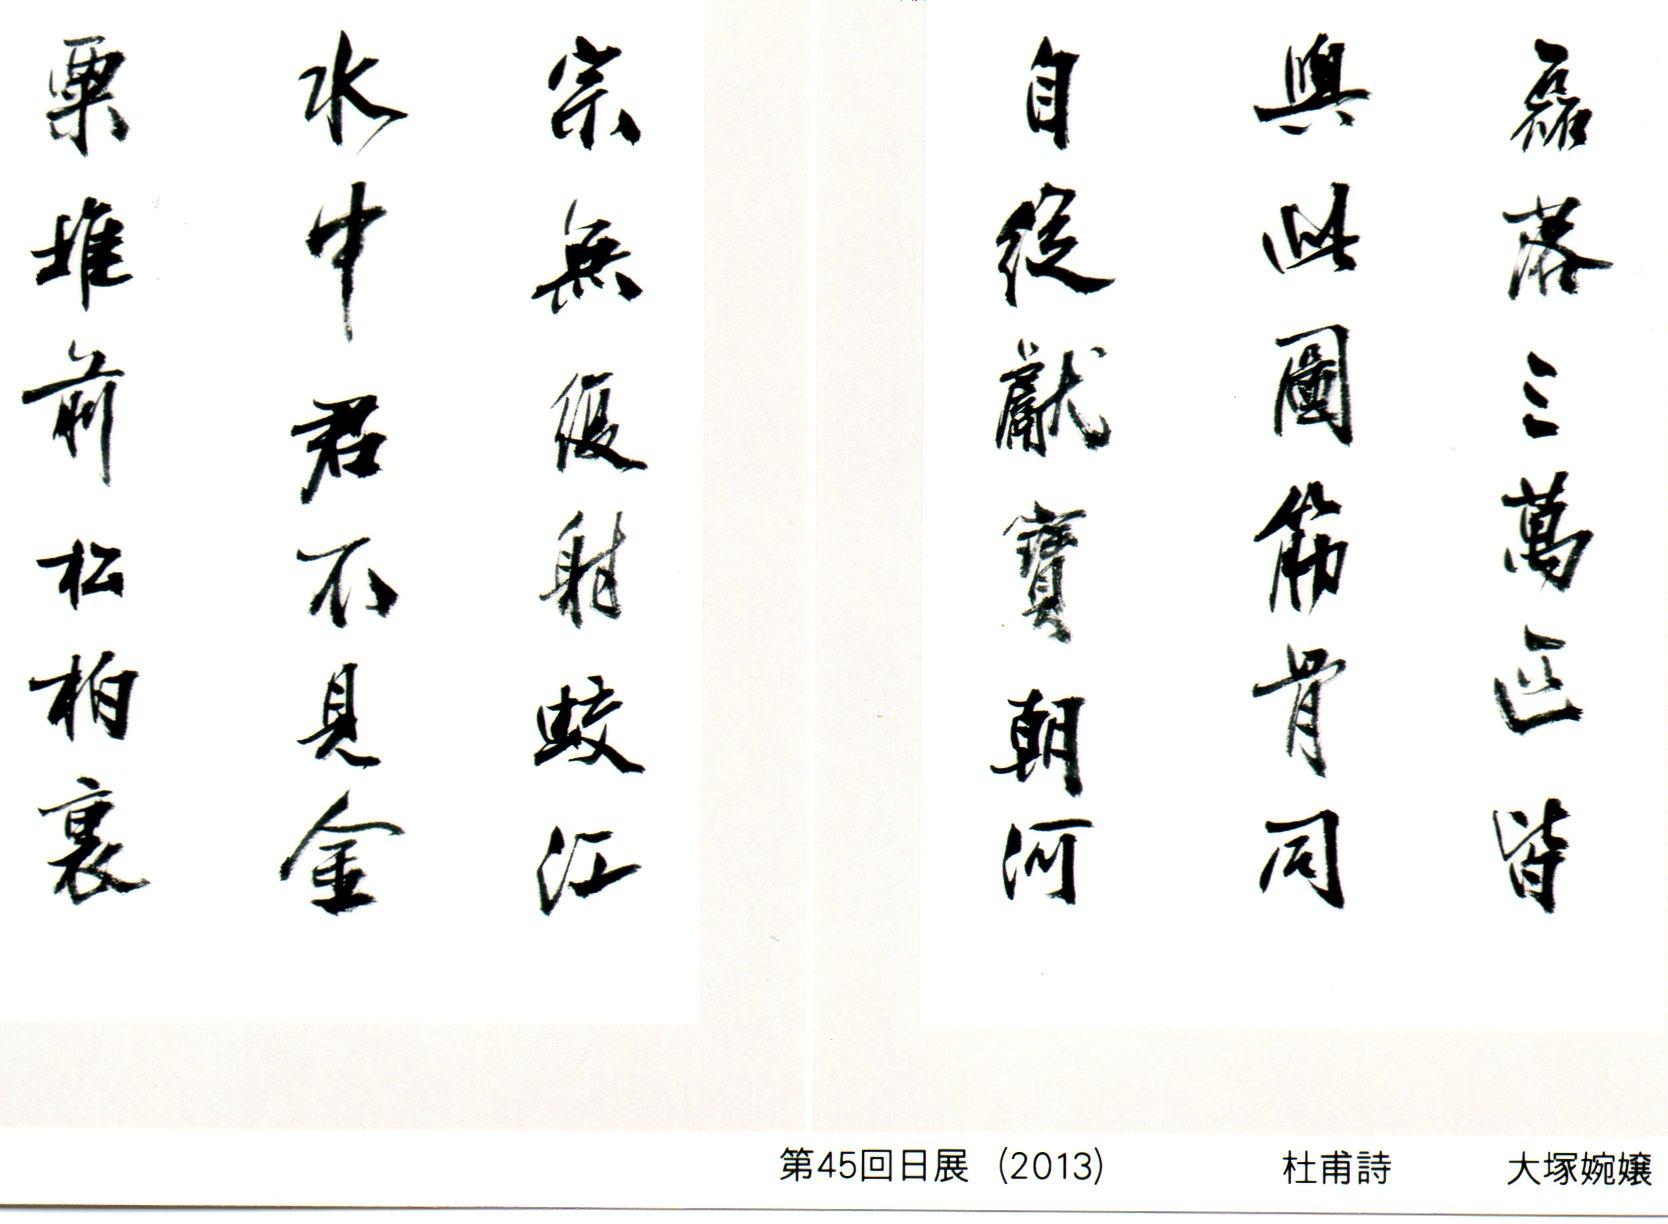 樹蔭黒原‐字間の繋がり「絆」‐_d0325708_11221268.jpg